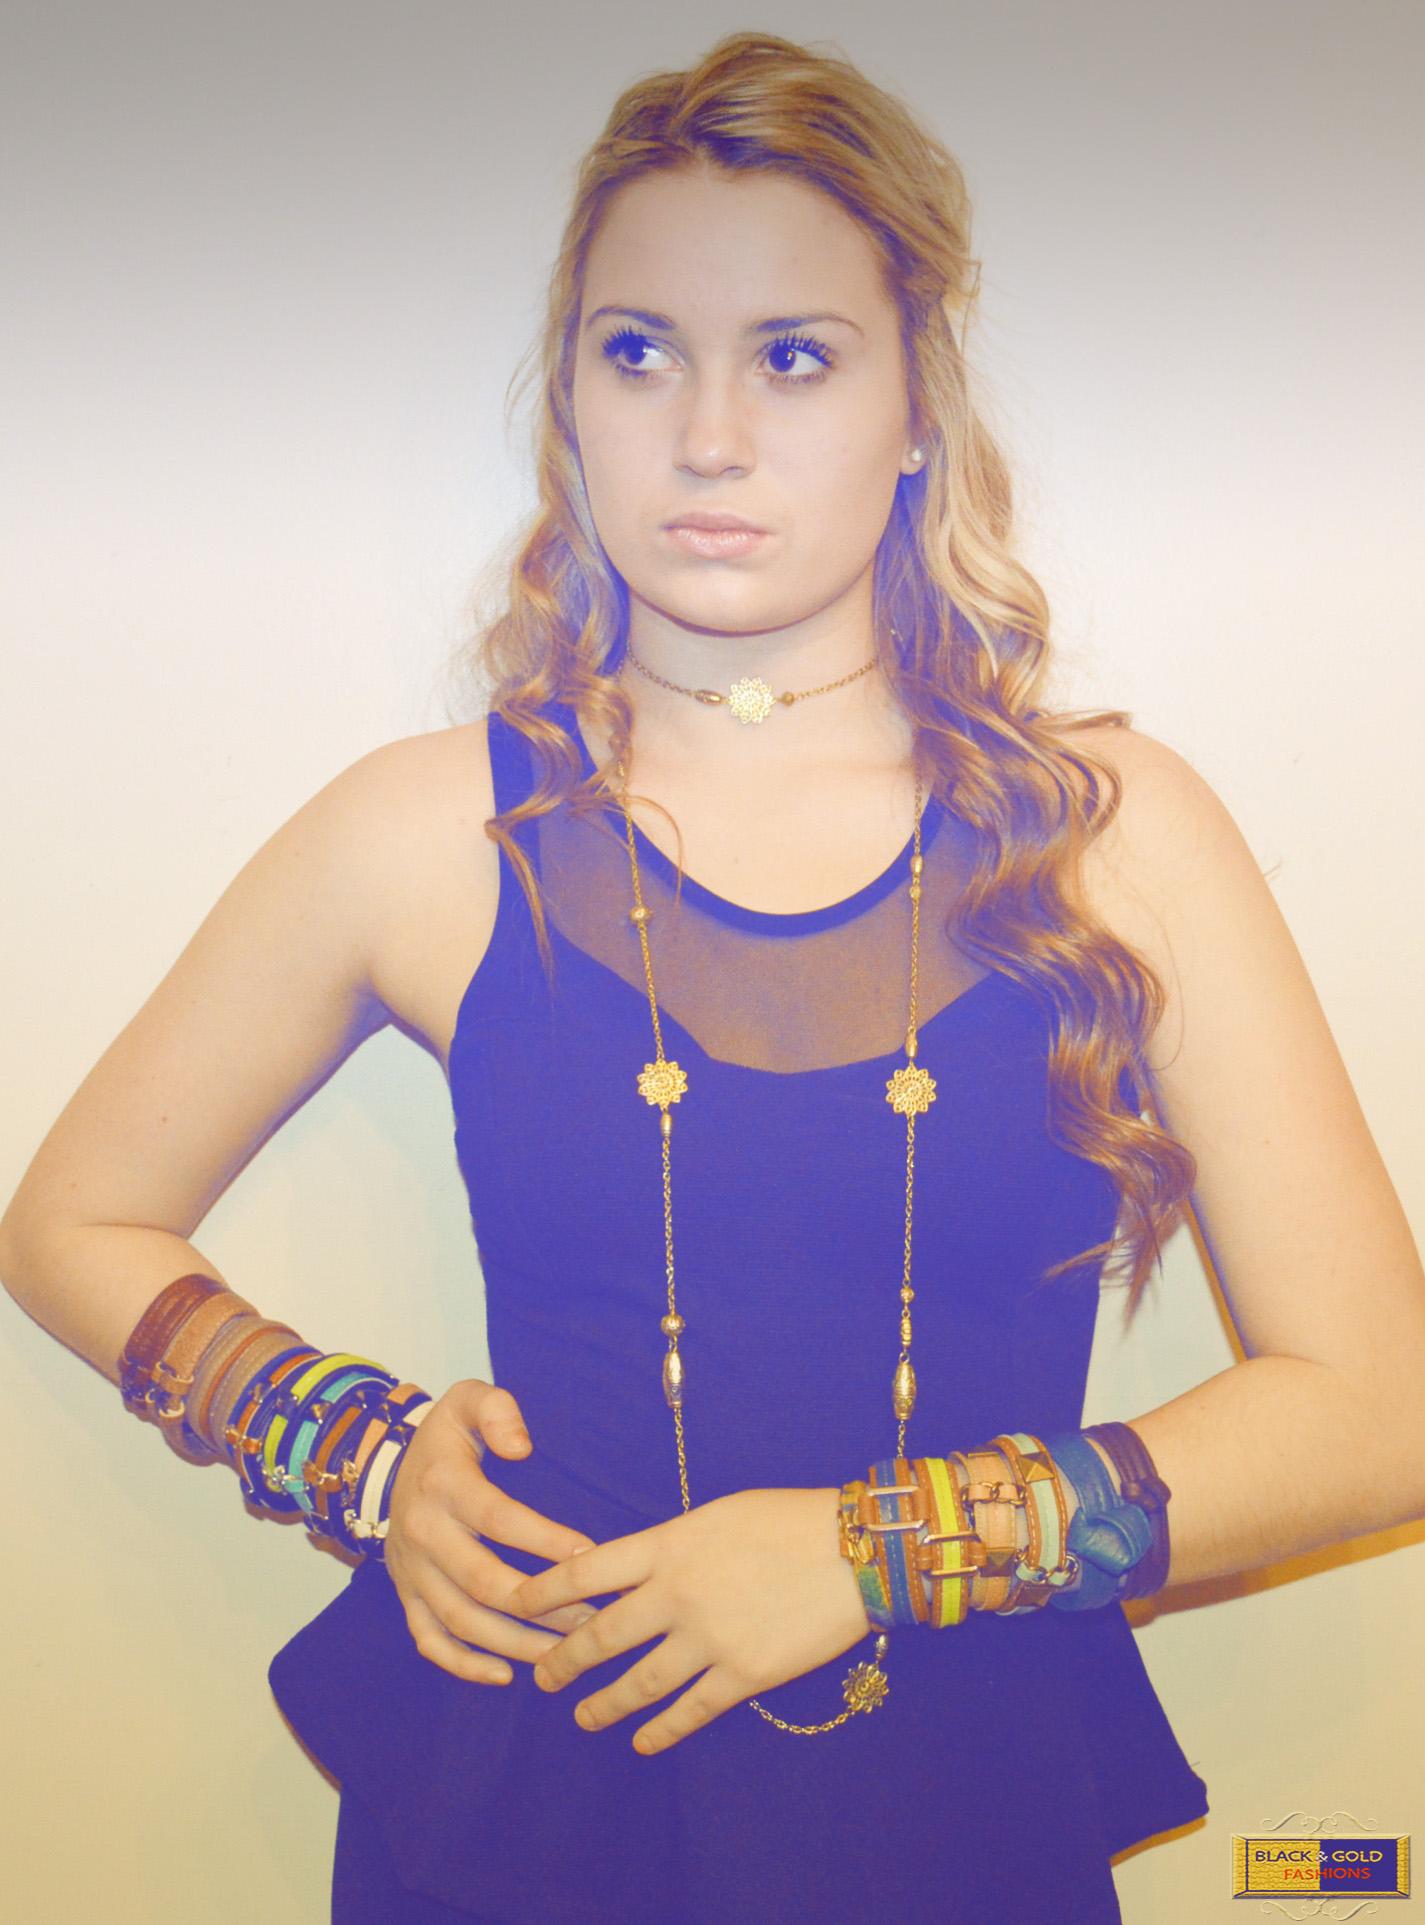 (Model) Black & Gold Fashions -Rachel Fashion Photoshoot (1).jpg